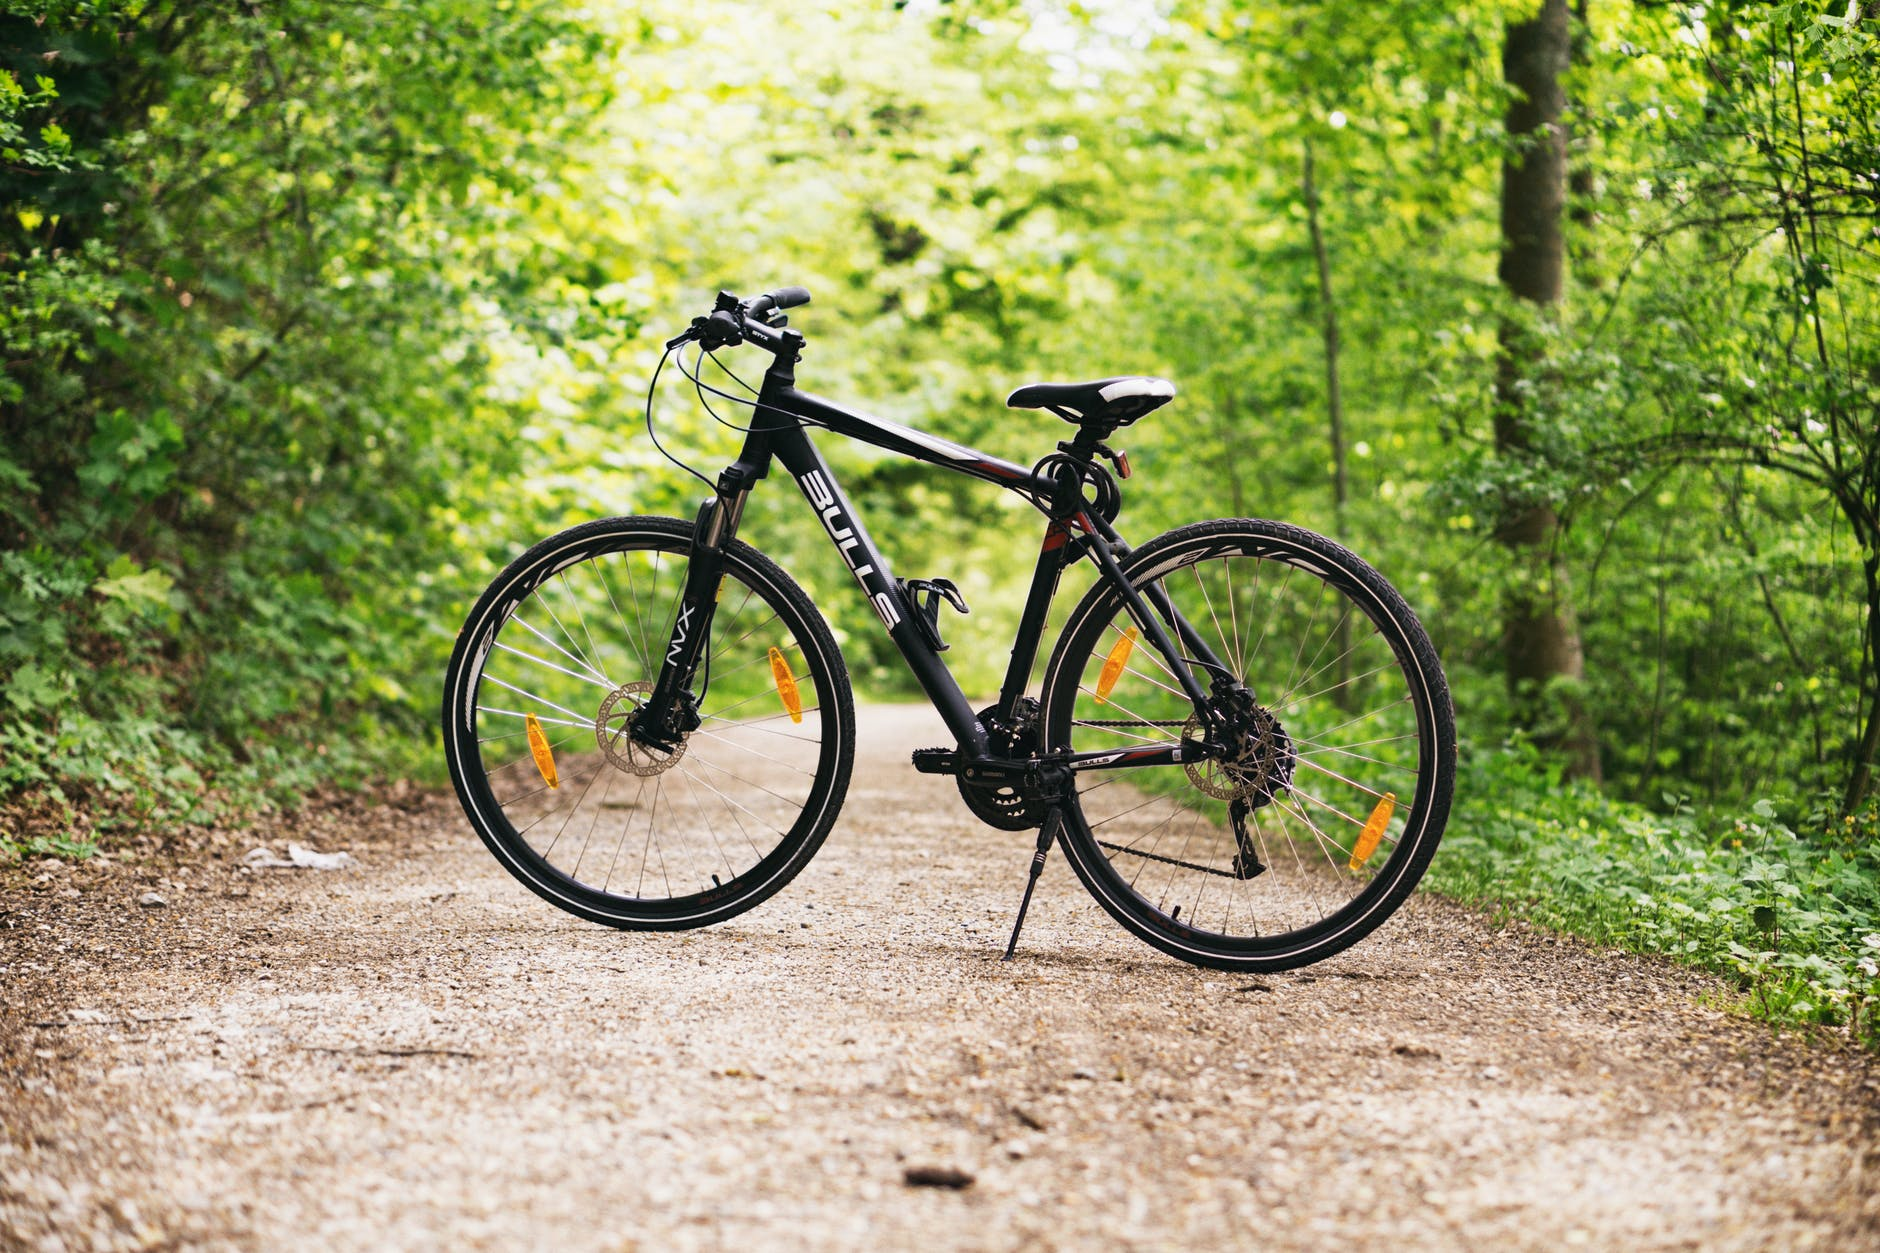 איך בוחרים אופניים?